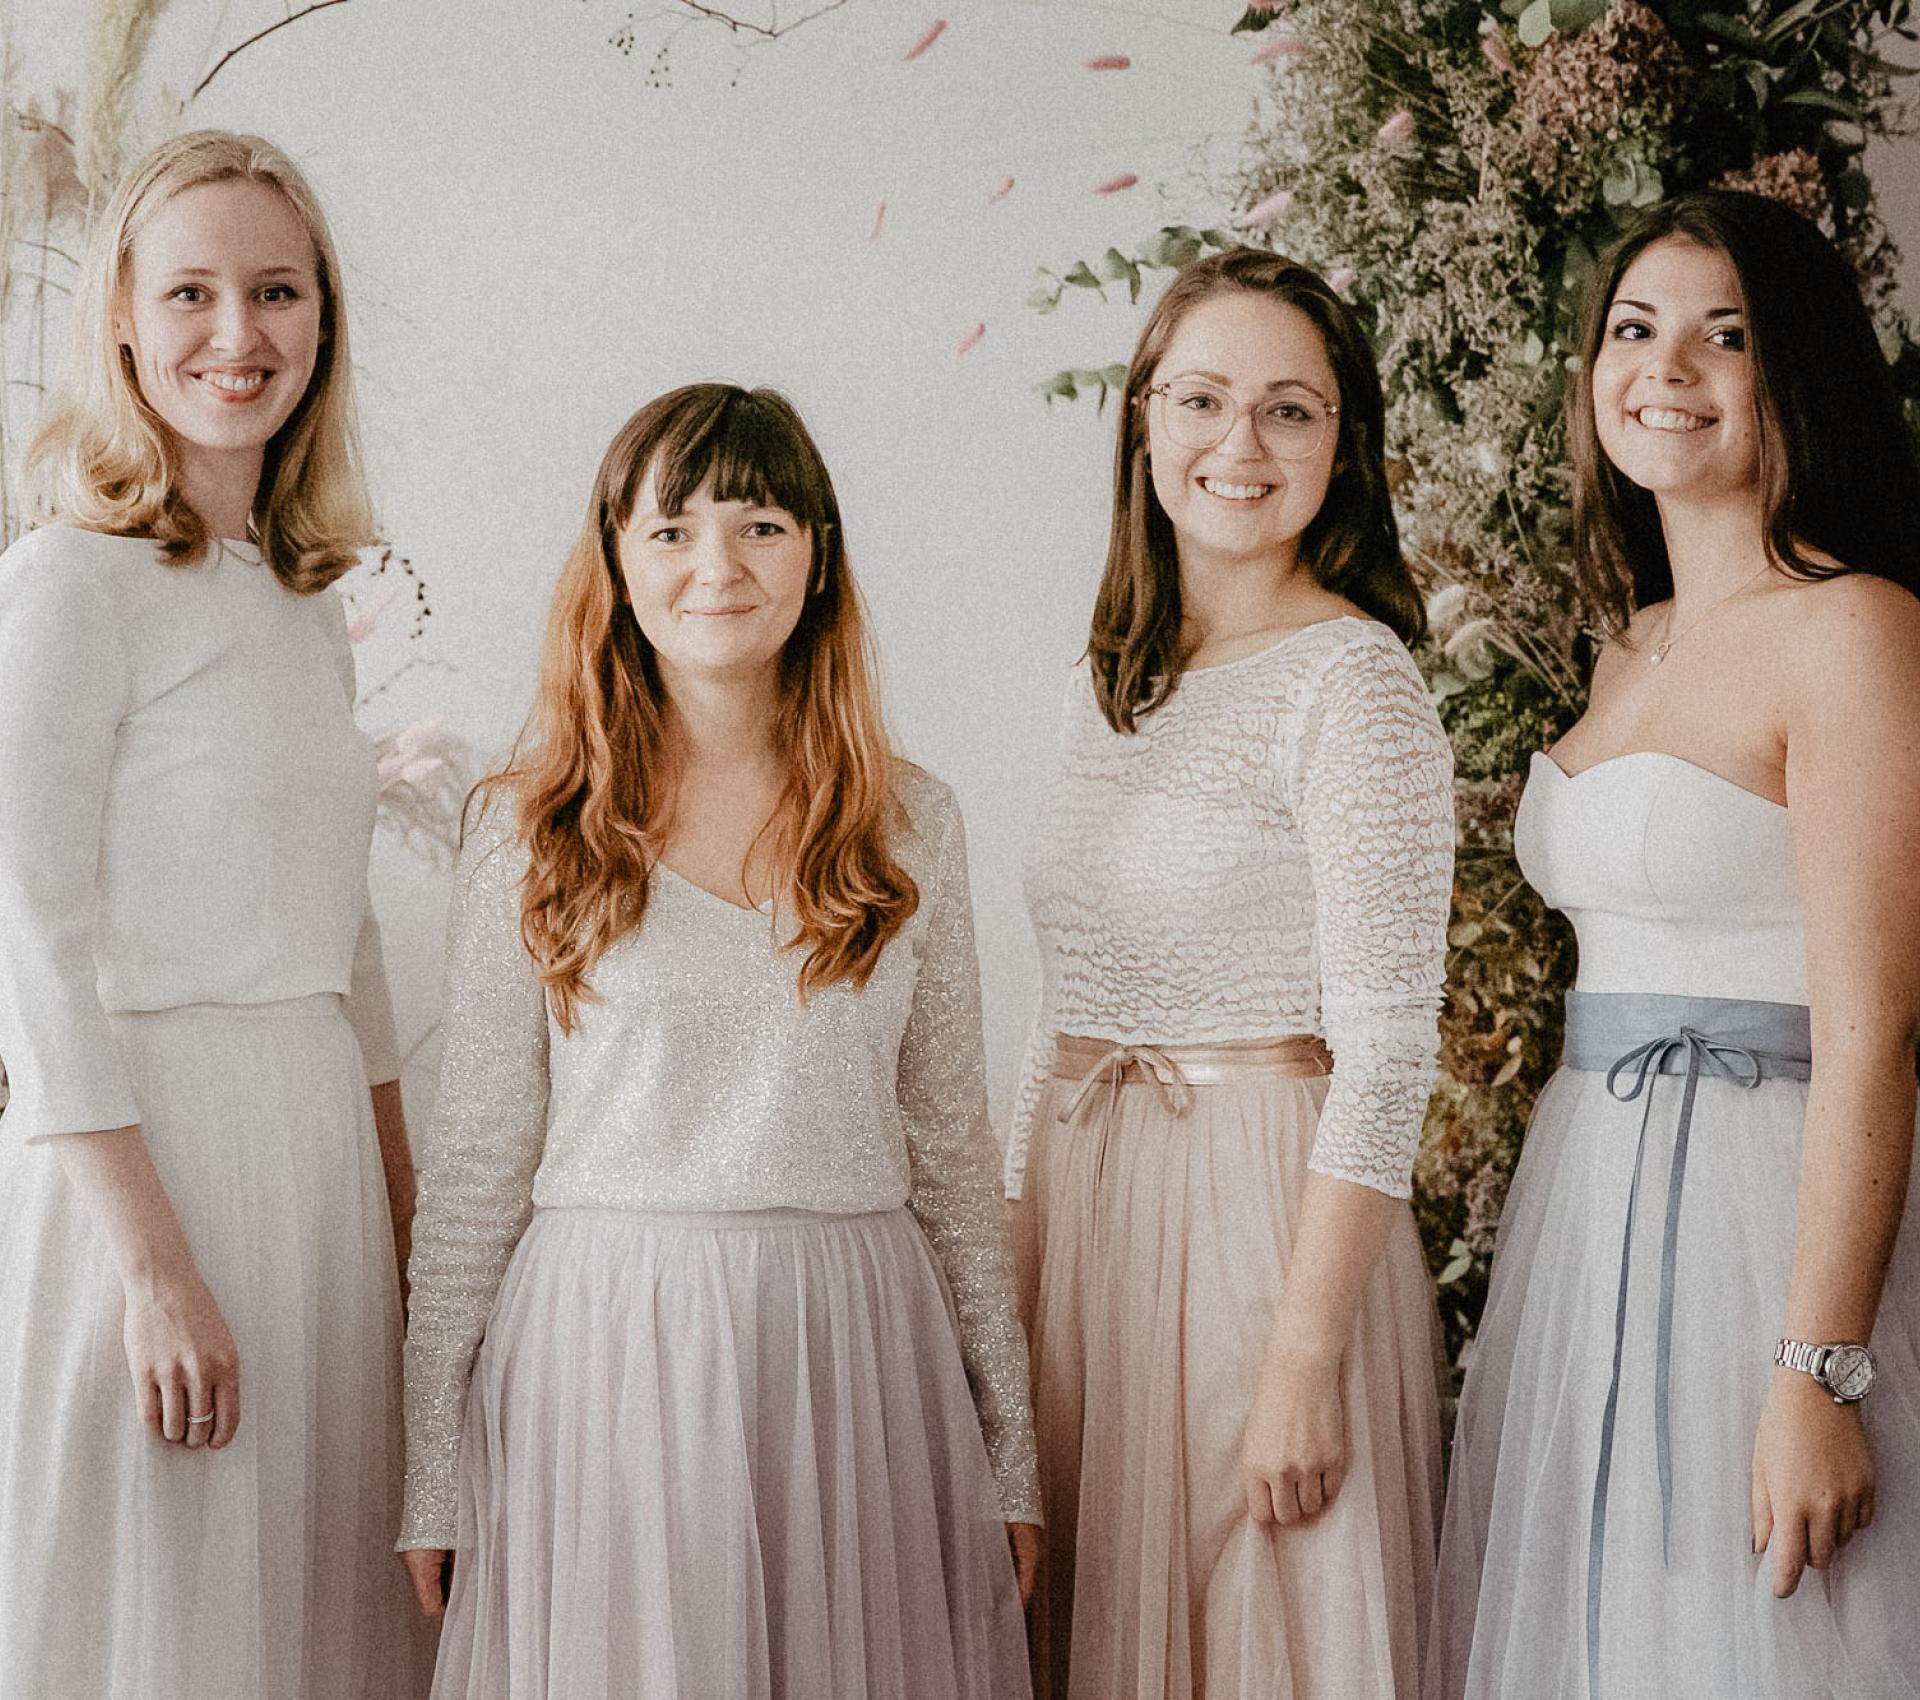 Mädchen tragen Brautkleider in bunten Farben